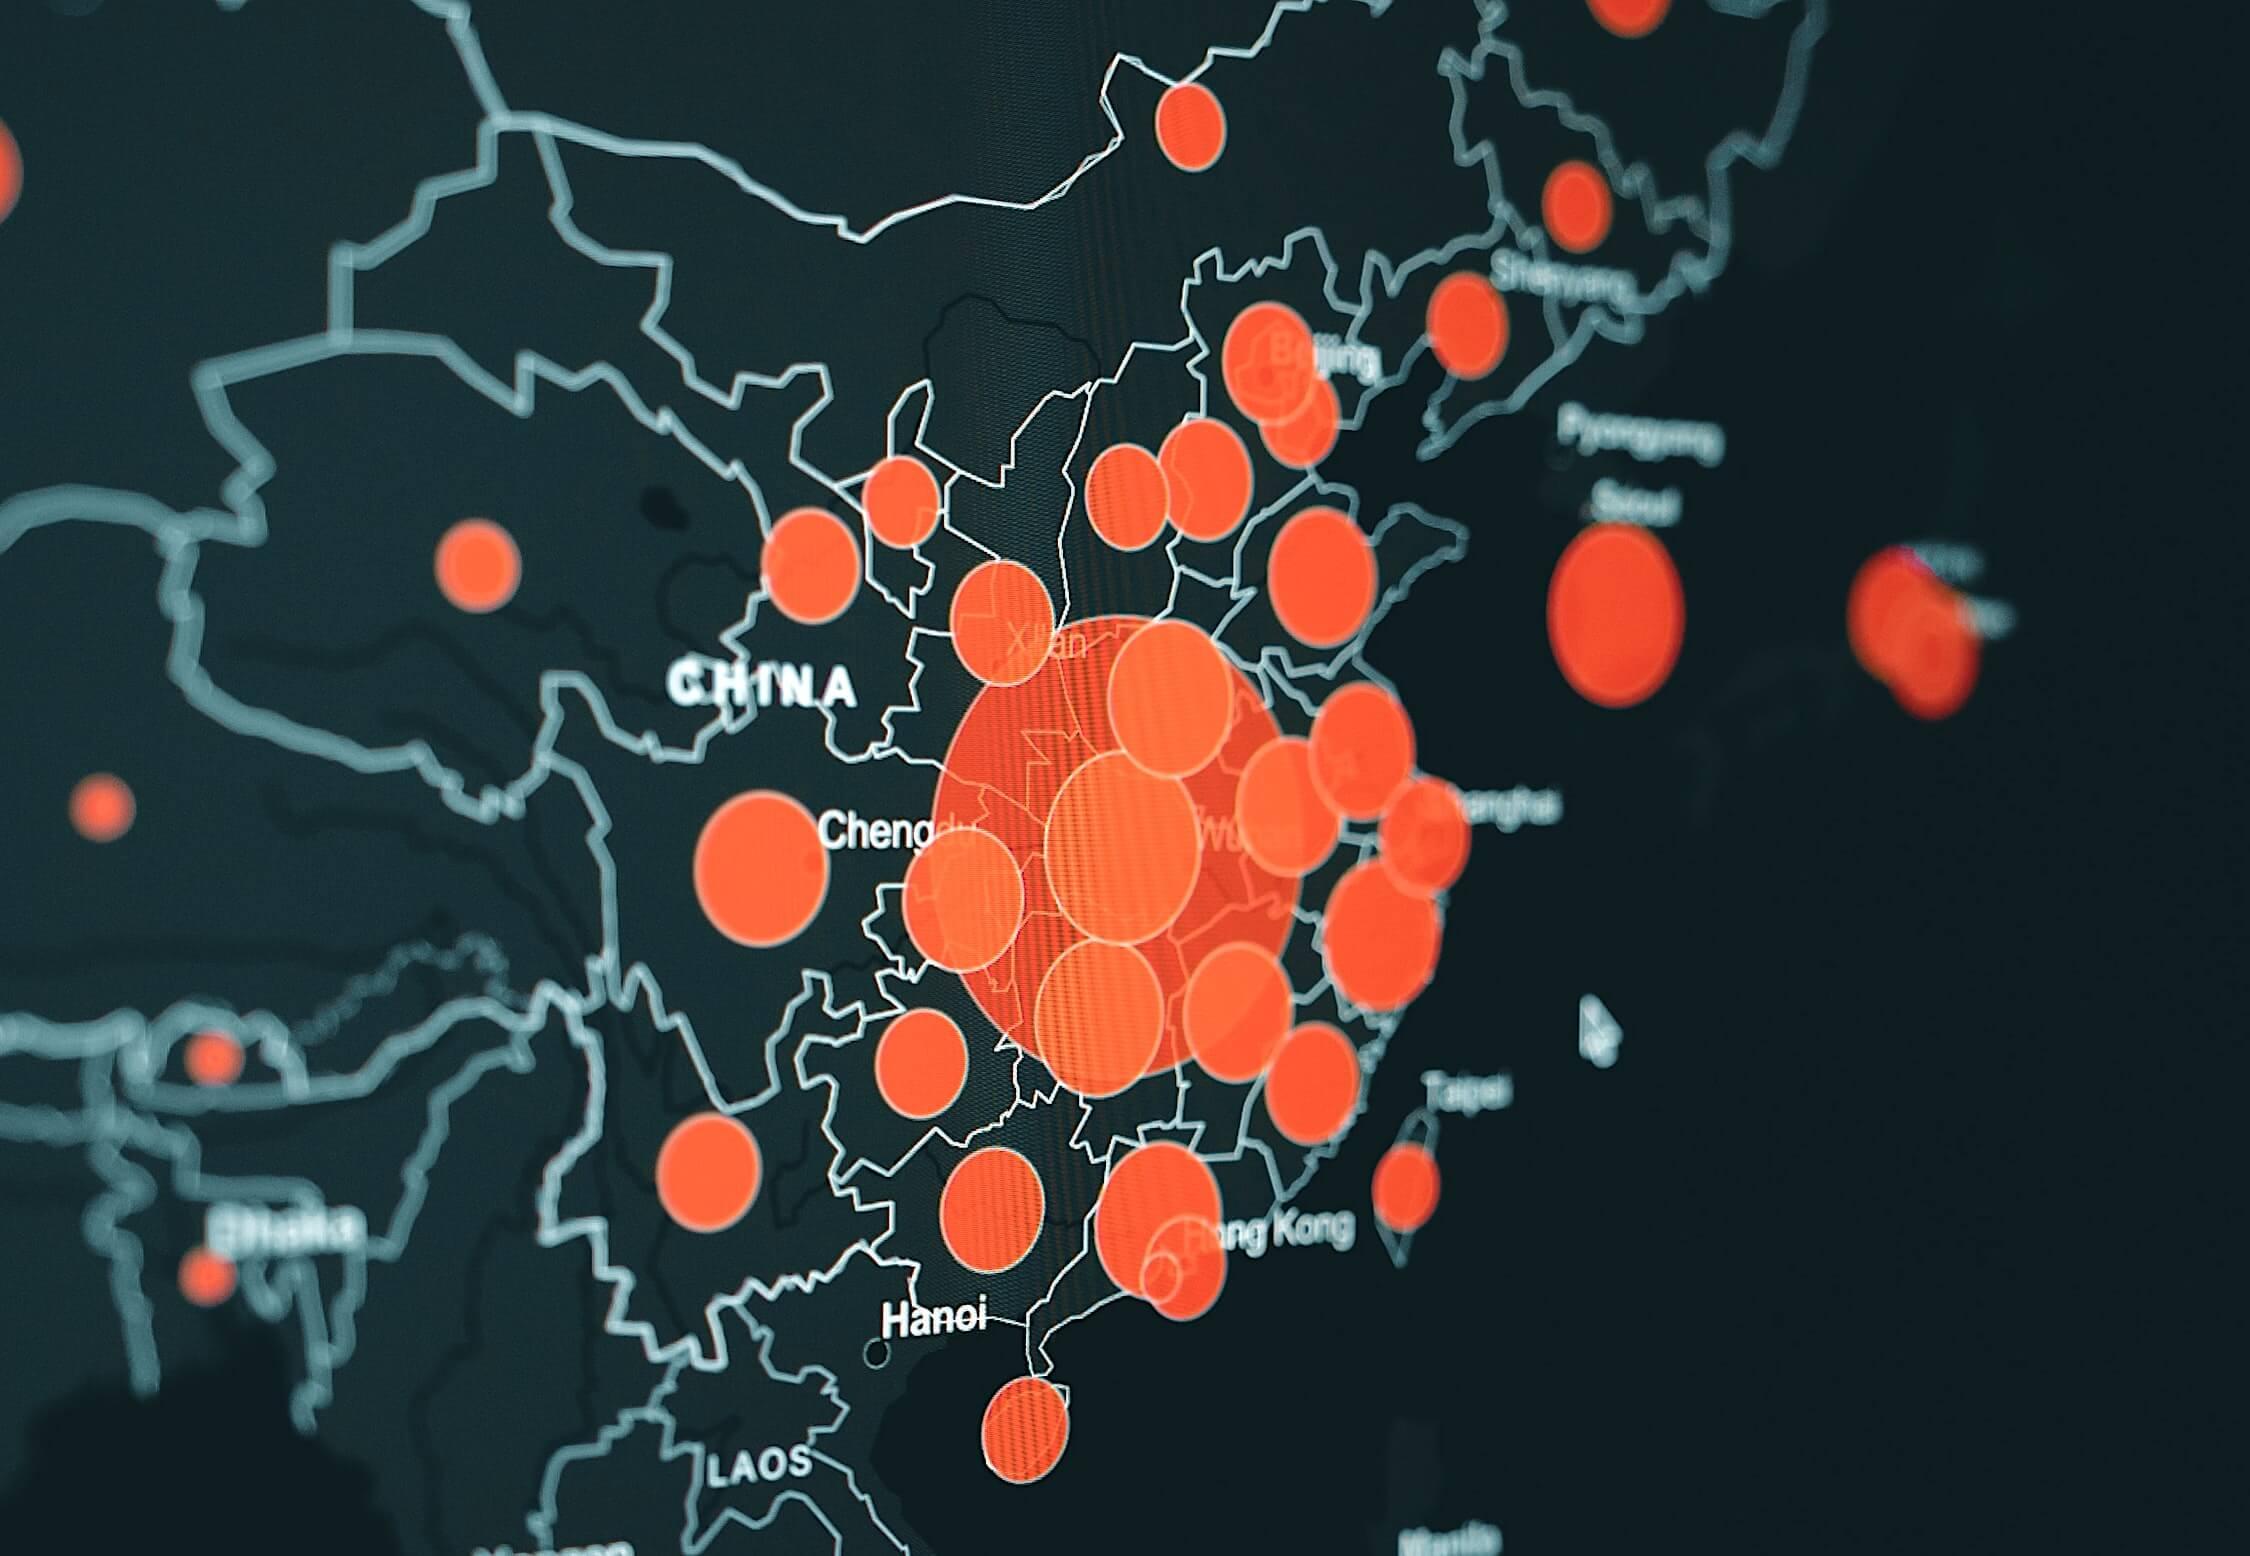 Influencer Marketing в Китае: на чем он базируется, и что могут предложить инфлюенсеры в контексте ЧС - 3